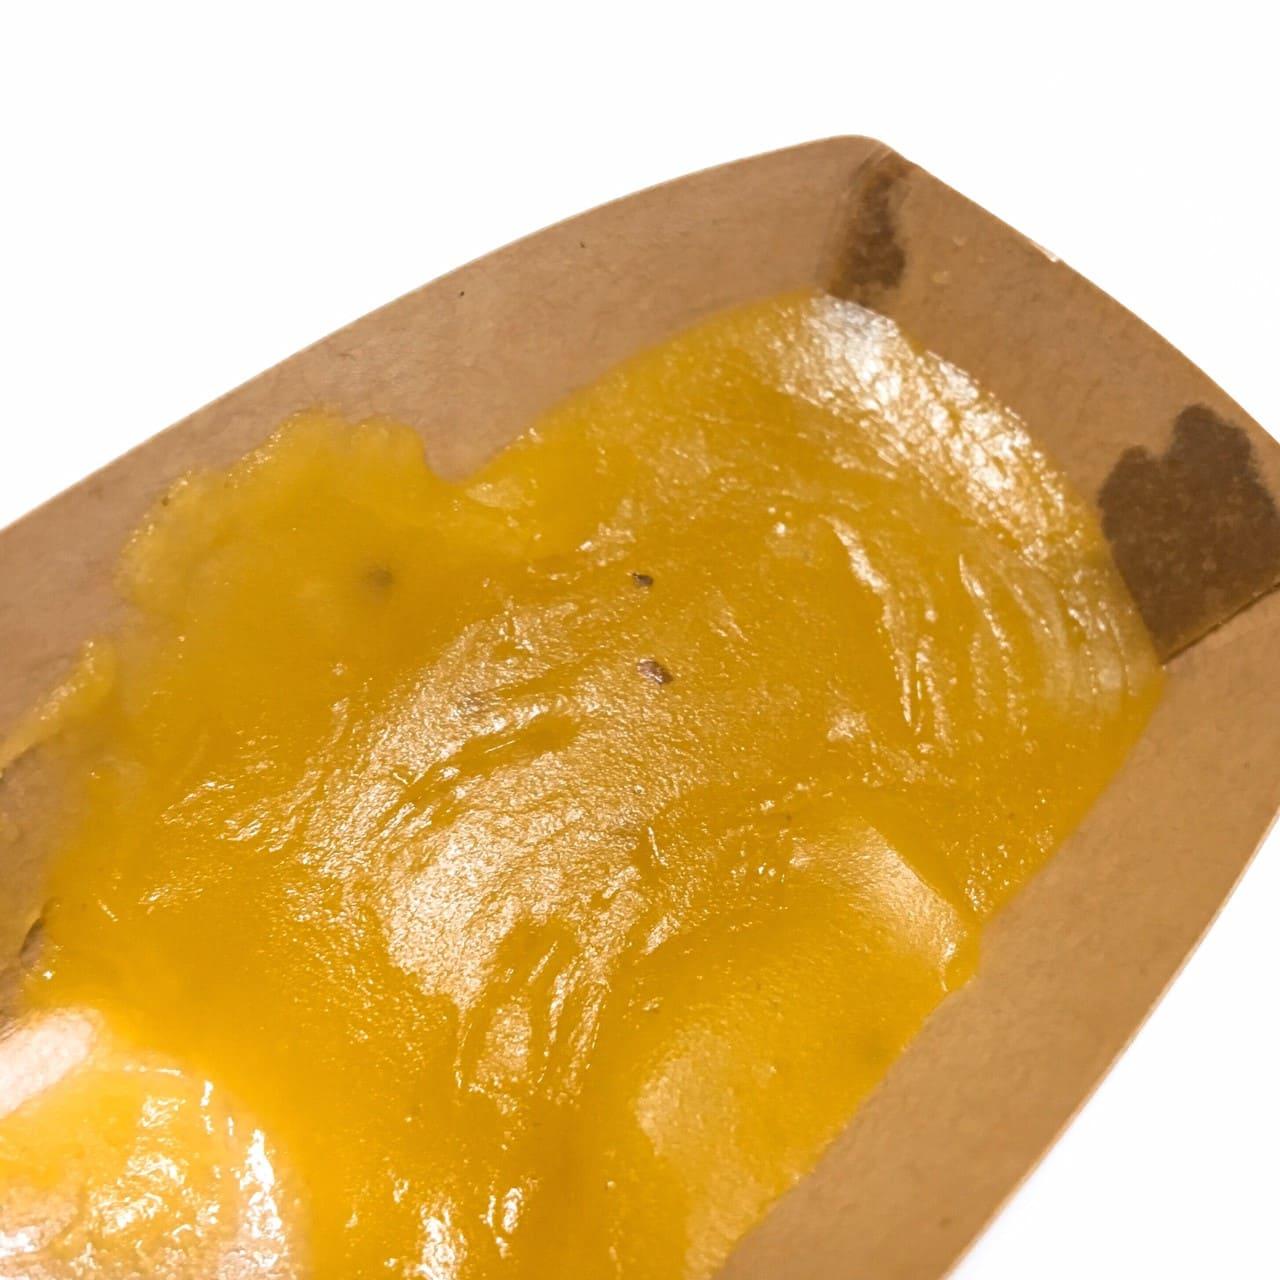 なると金時の洋風芋ようかんレンジ加熱後